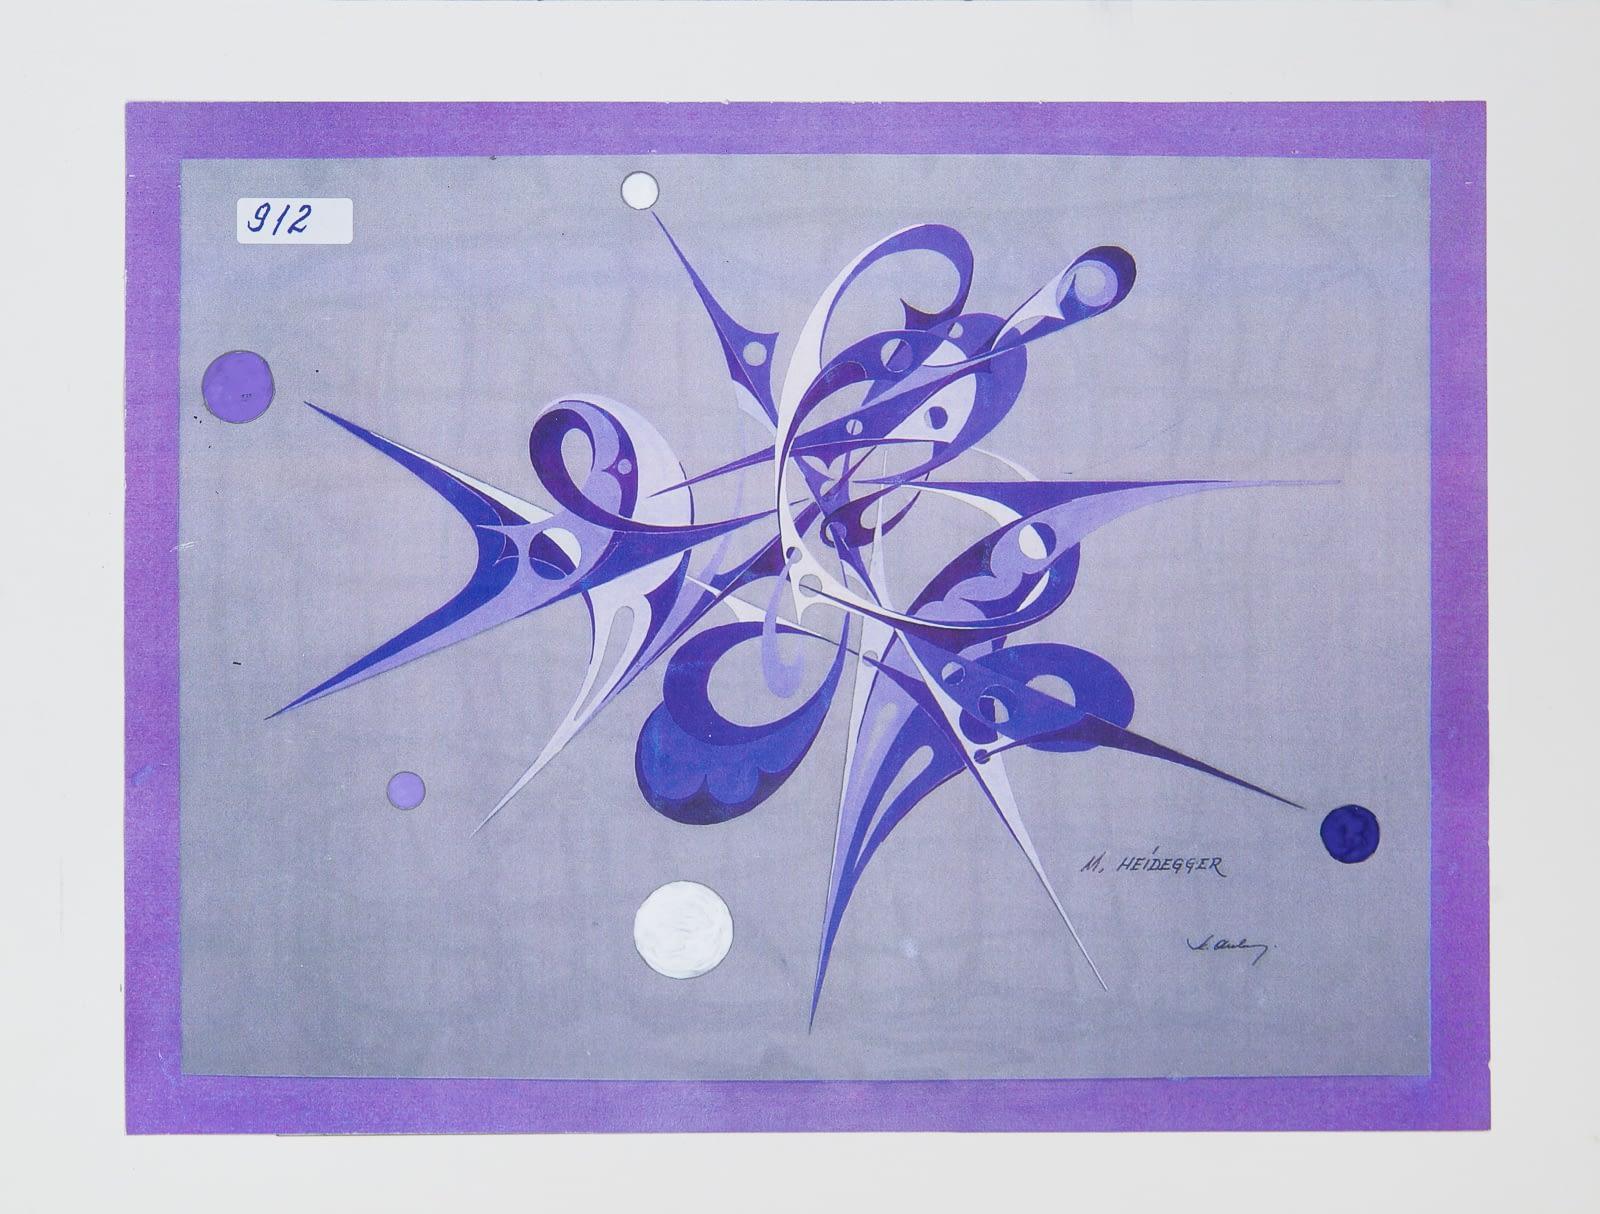 #912 Martin Heidegger